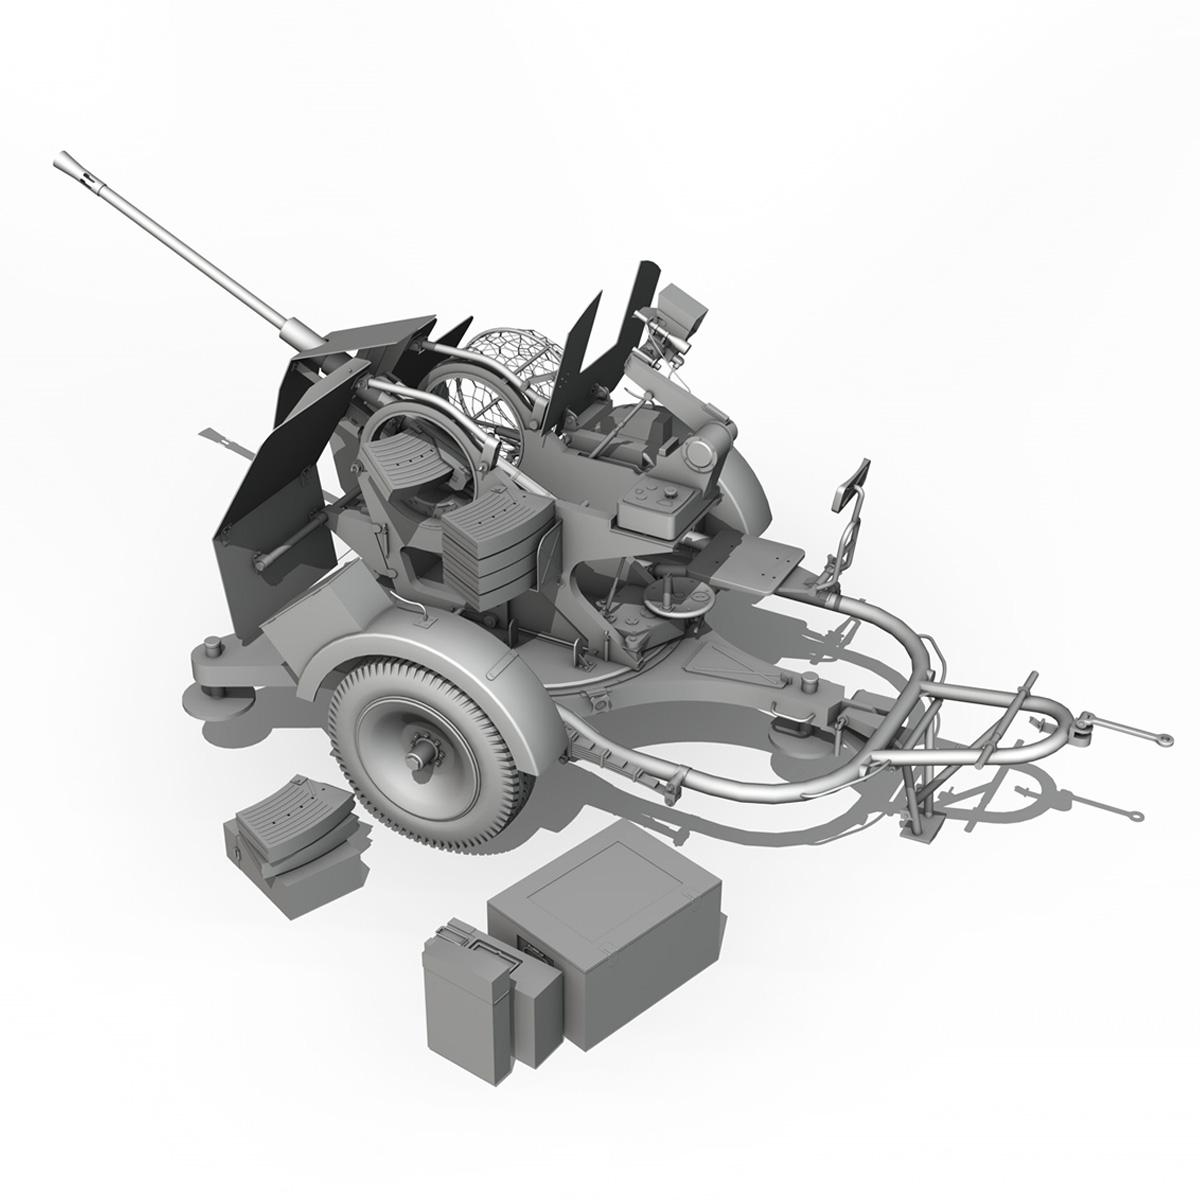 2cm flak 38 s sd.ah. 51 - prikolica 3d model 3d c4d fbx lwo lw lws obj 267213